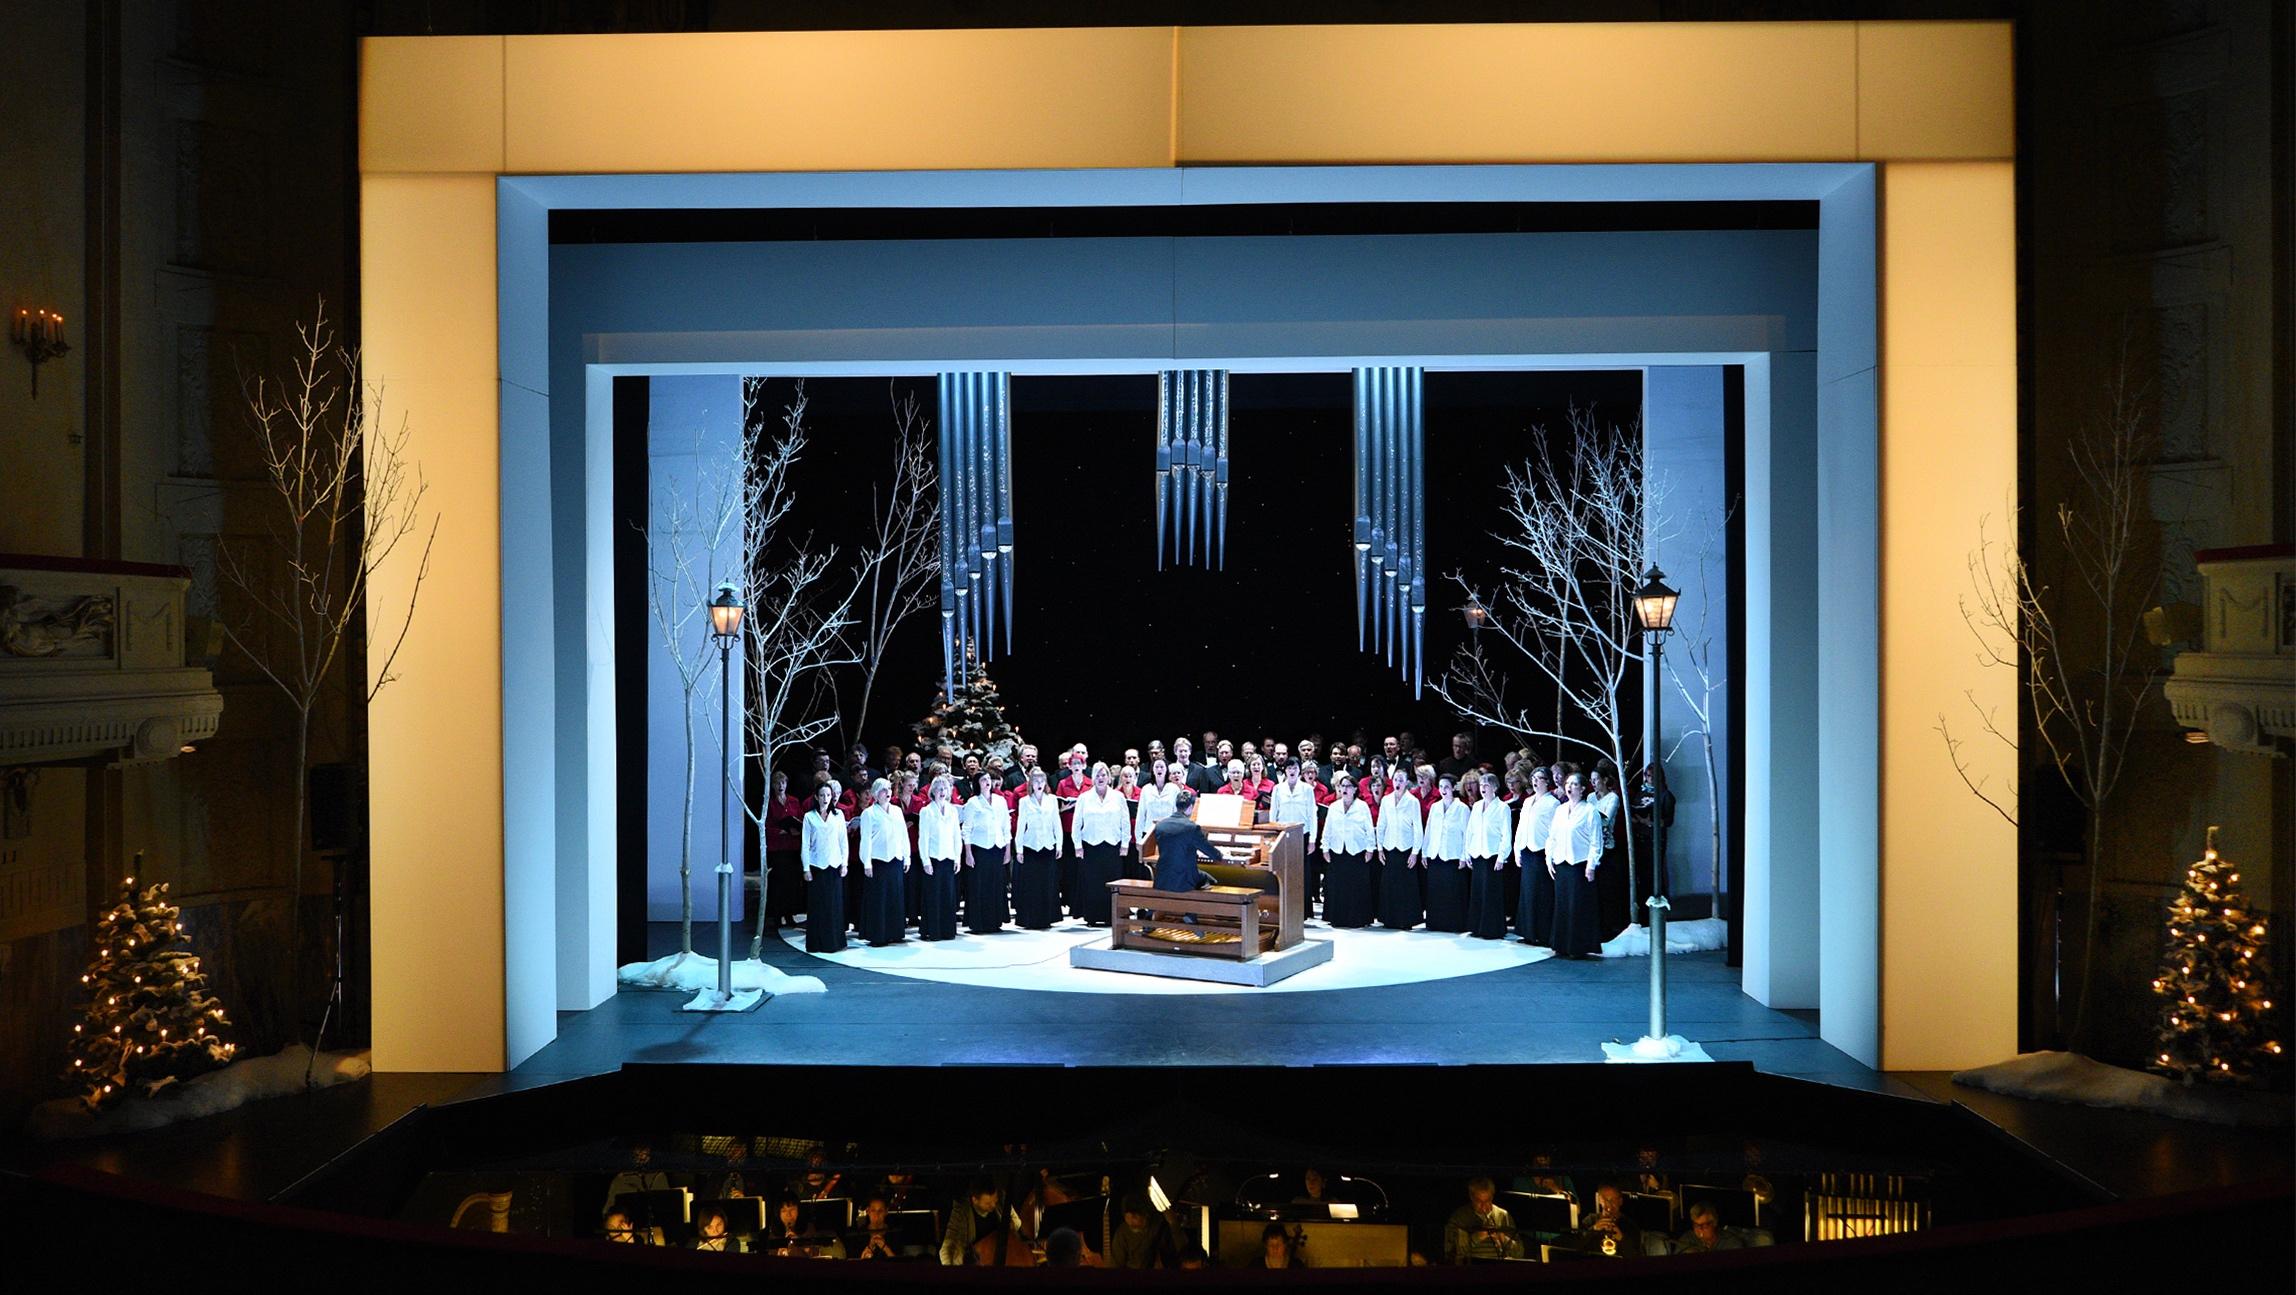 Opernchor in Winterzauber Querformat